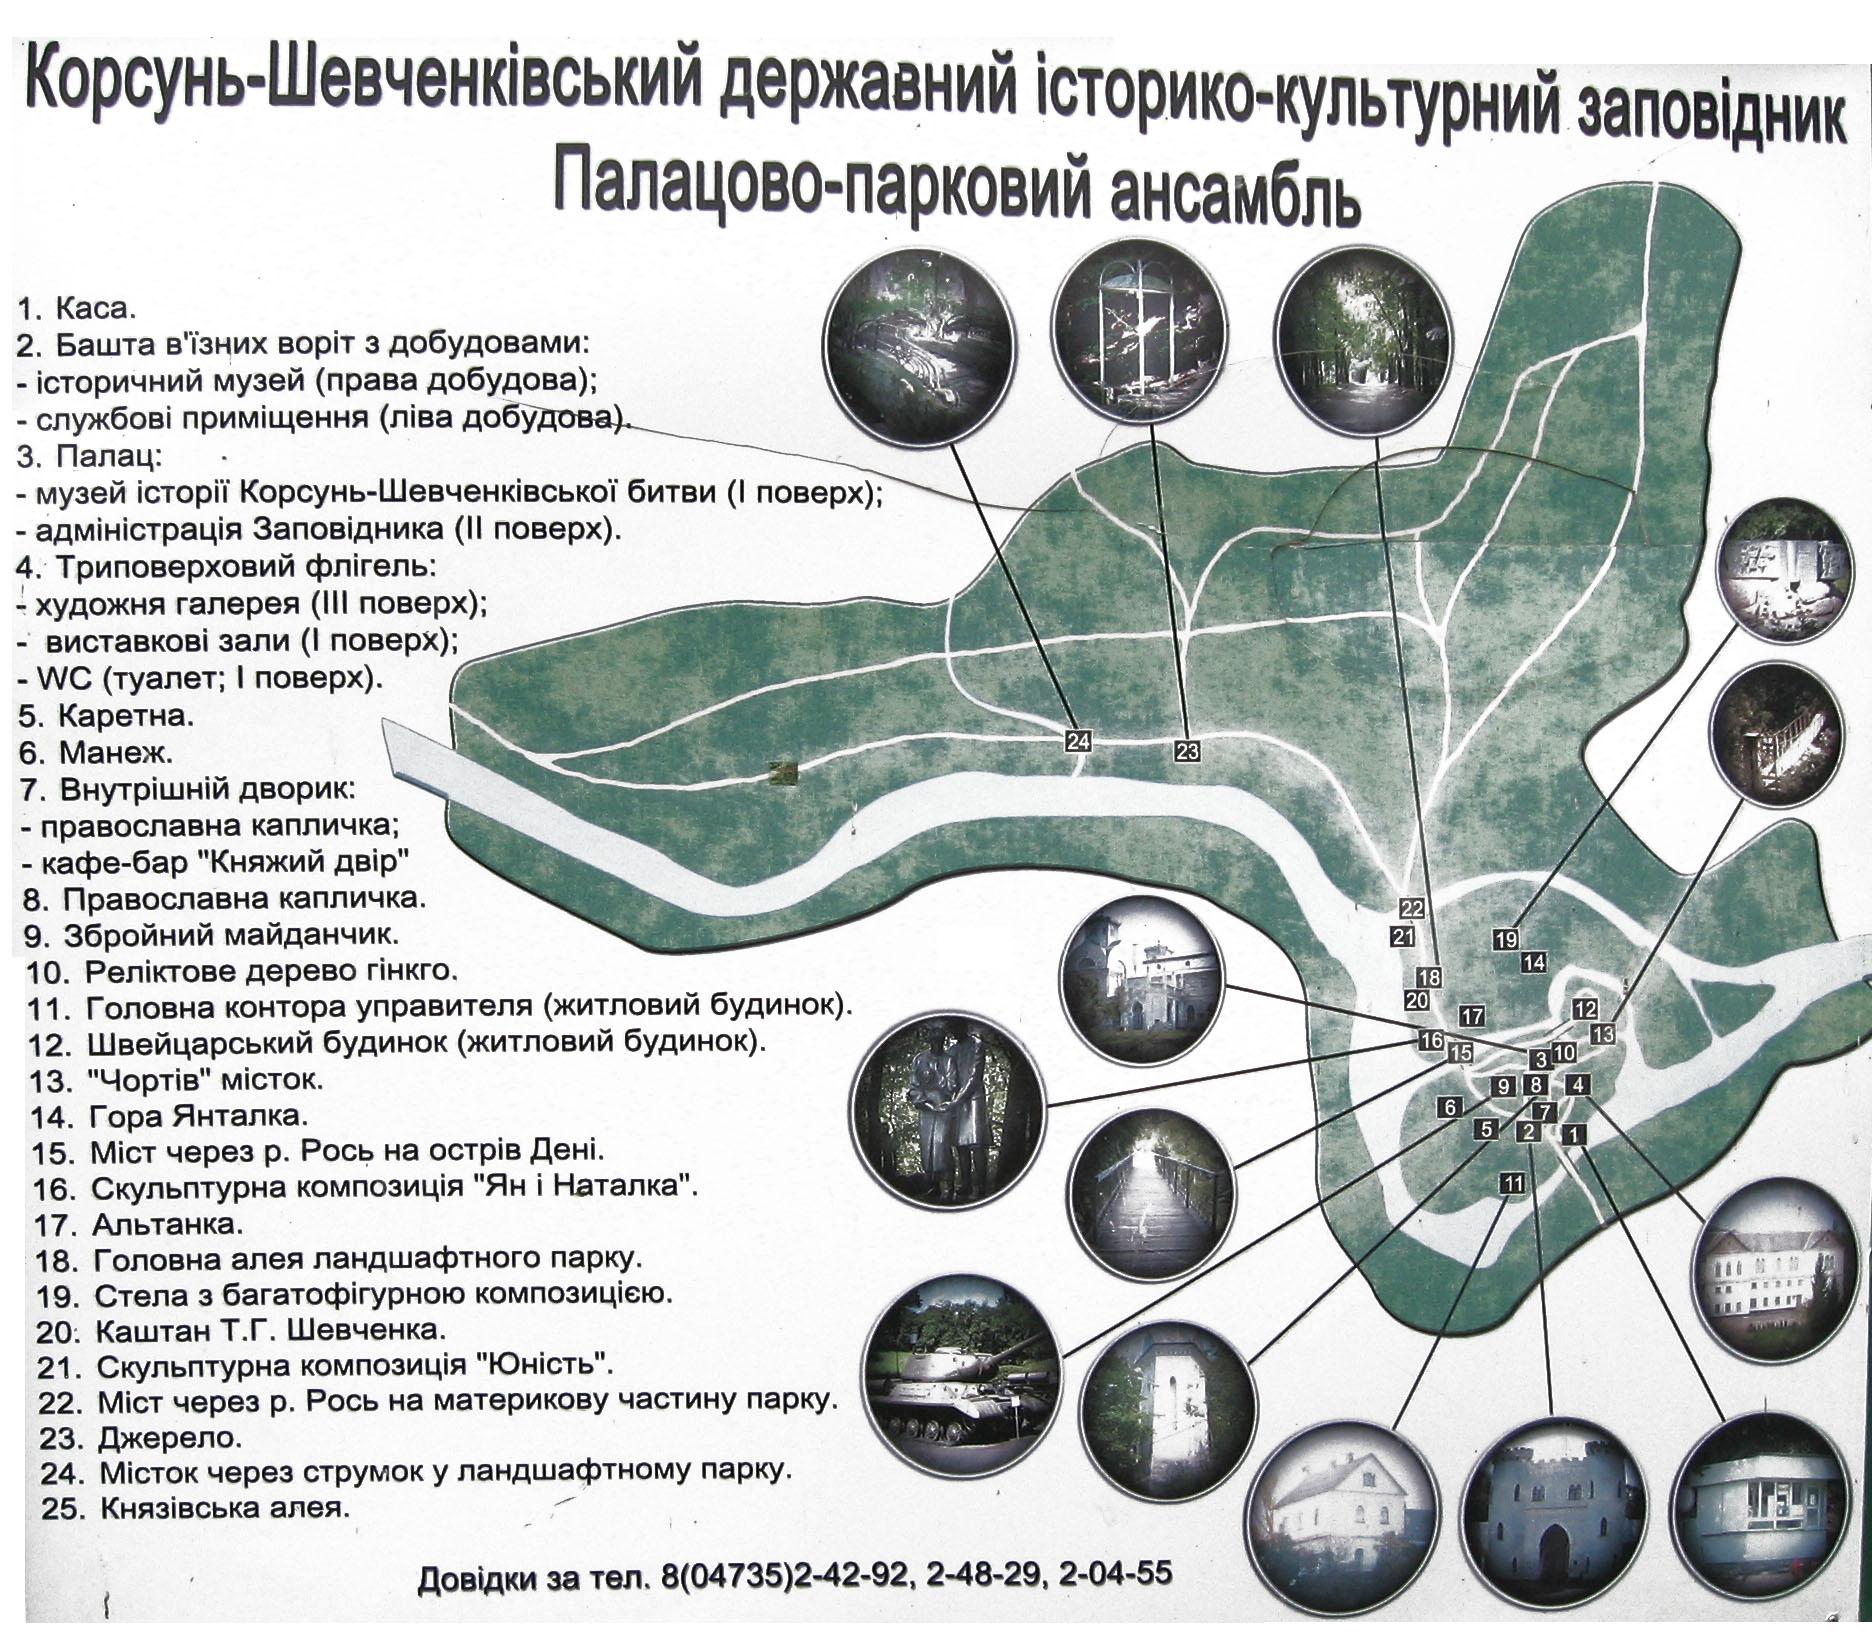 Онлайн карта схема план бесплатно